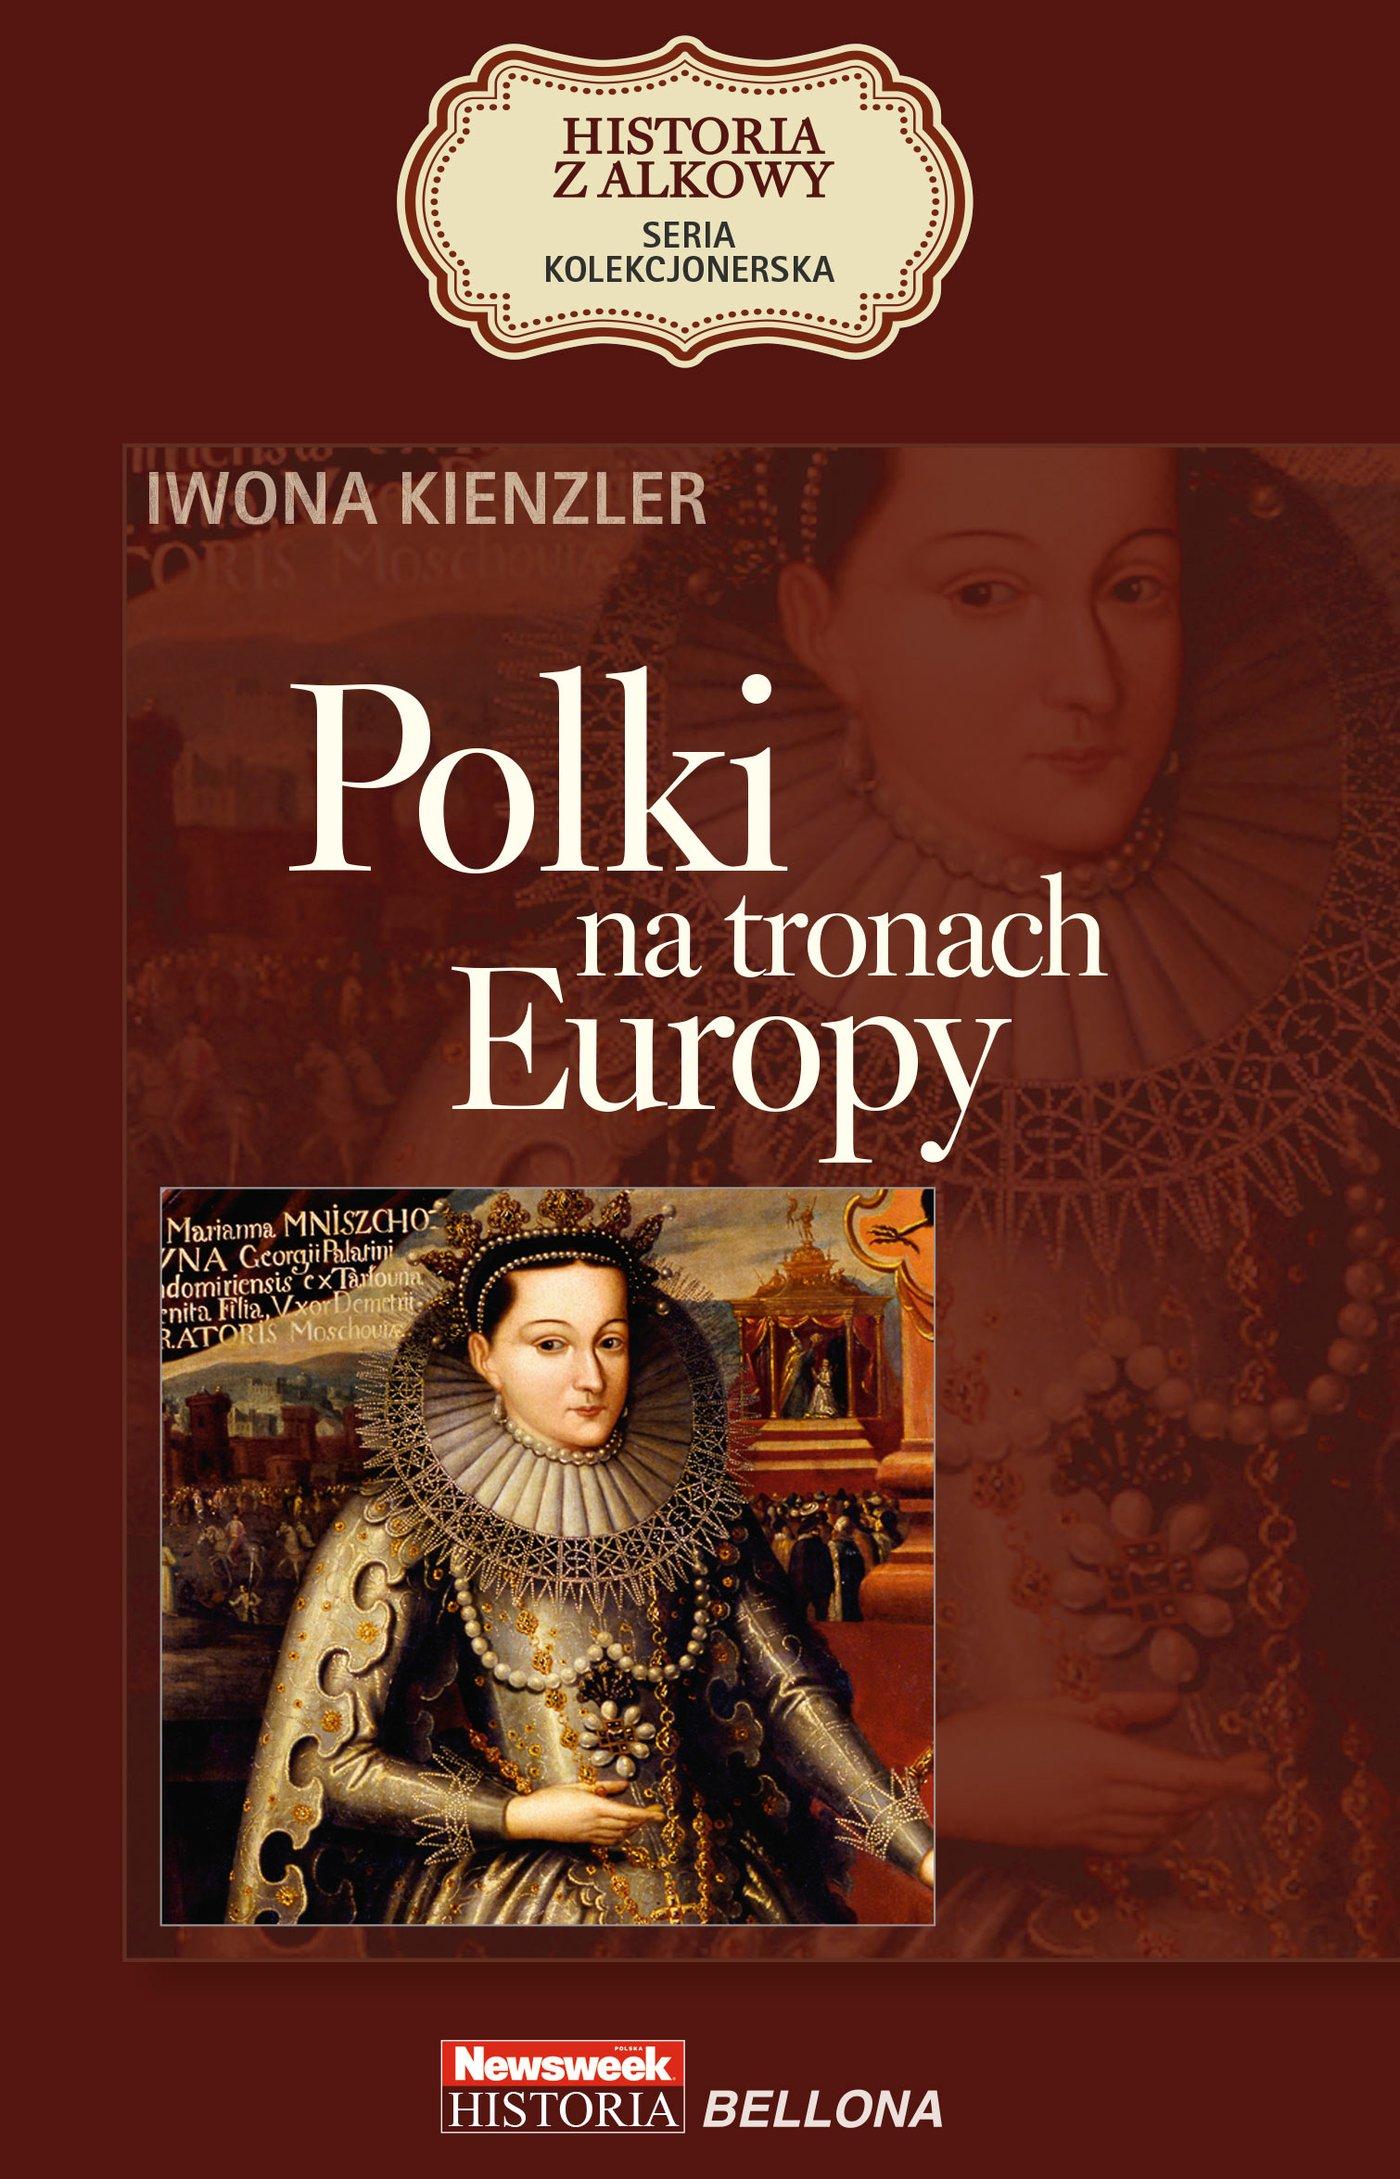 Polki na tronach Europy - Ebook (Książka na Kindle) do pobrania w formacie MOBI